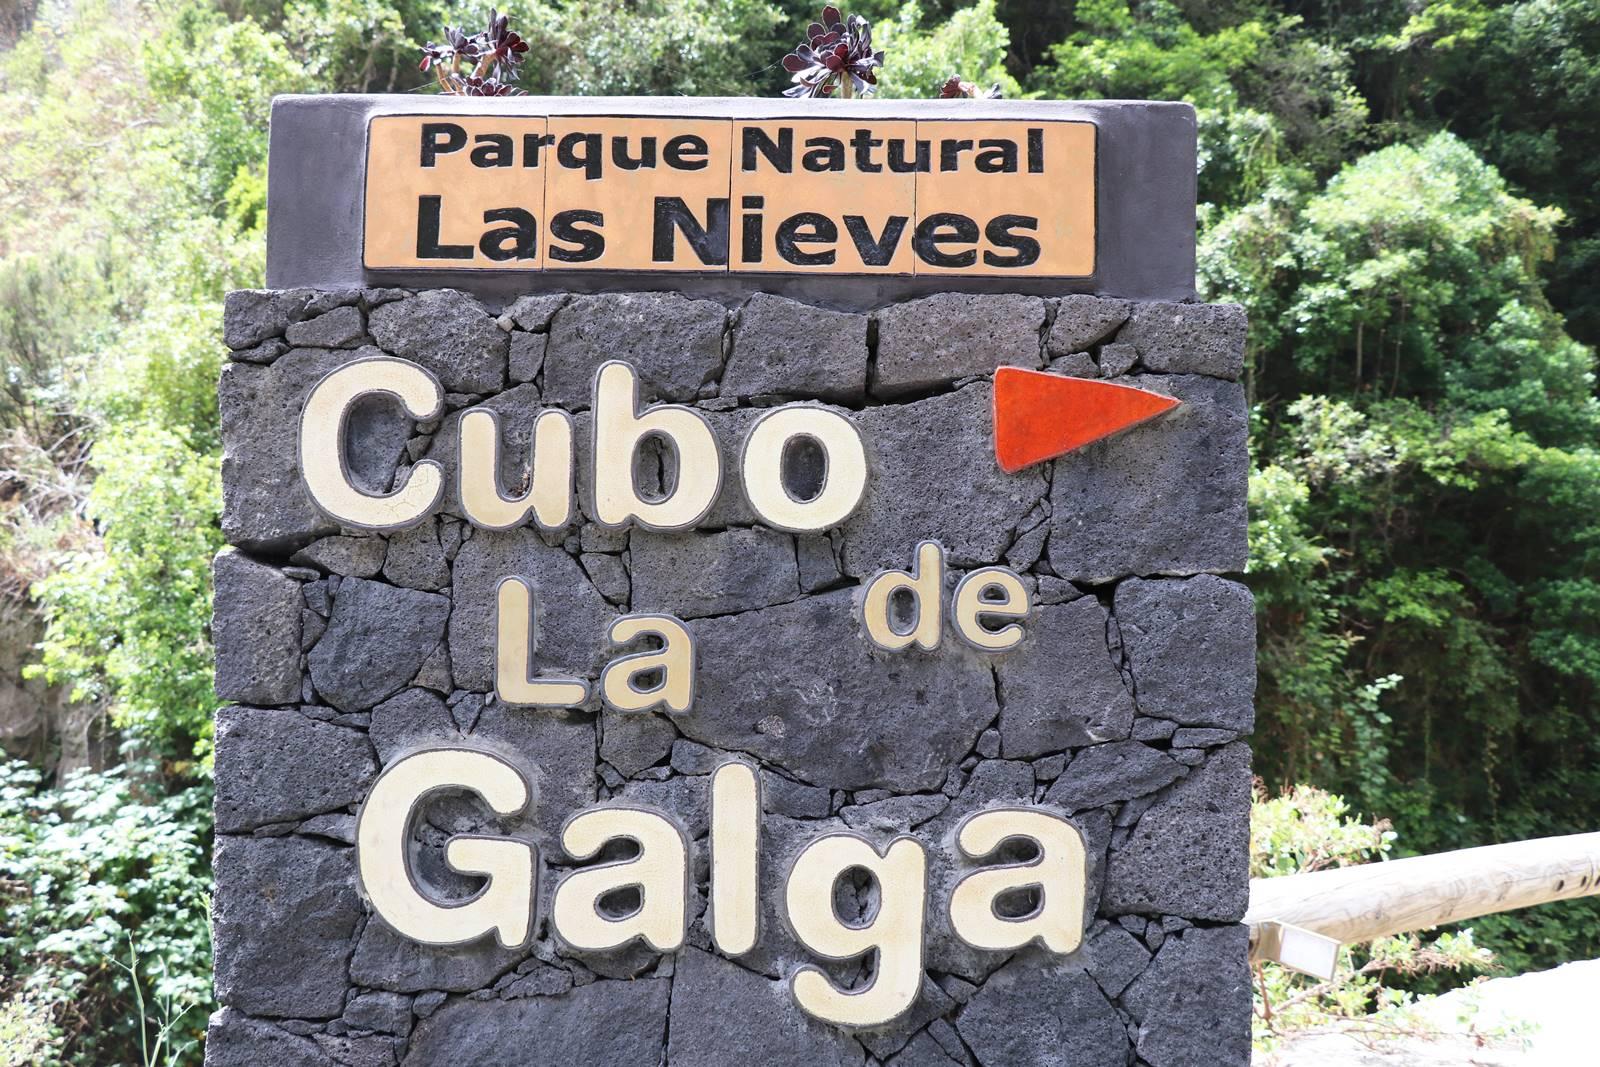 La Palma 16 Cubo de La Galga